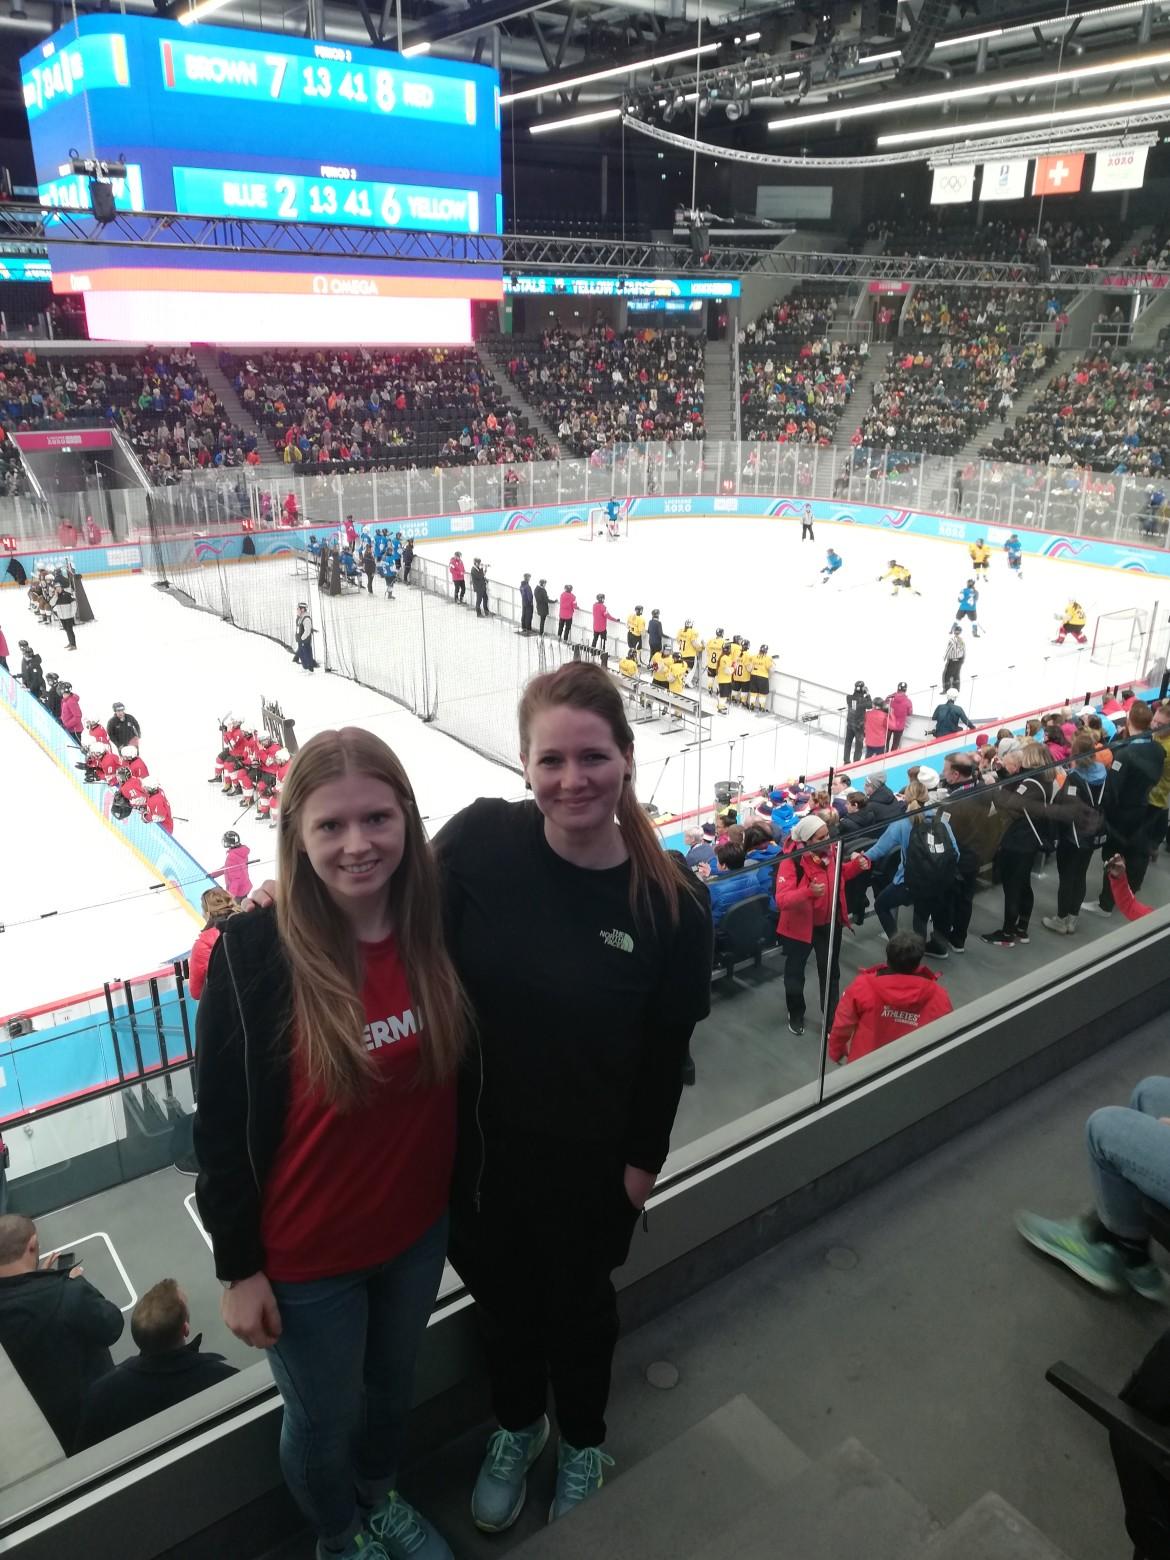 Kerstin und Sabrina in der begeisternde Atmosphäre beim 3x3 Eishockey in der Eisarena der Youth Olympic Games 2020.